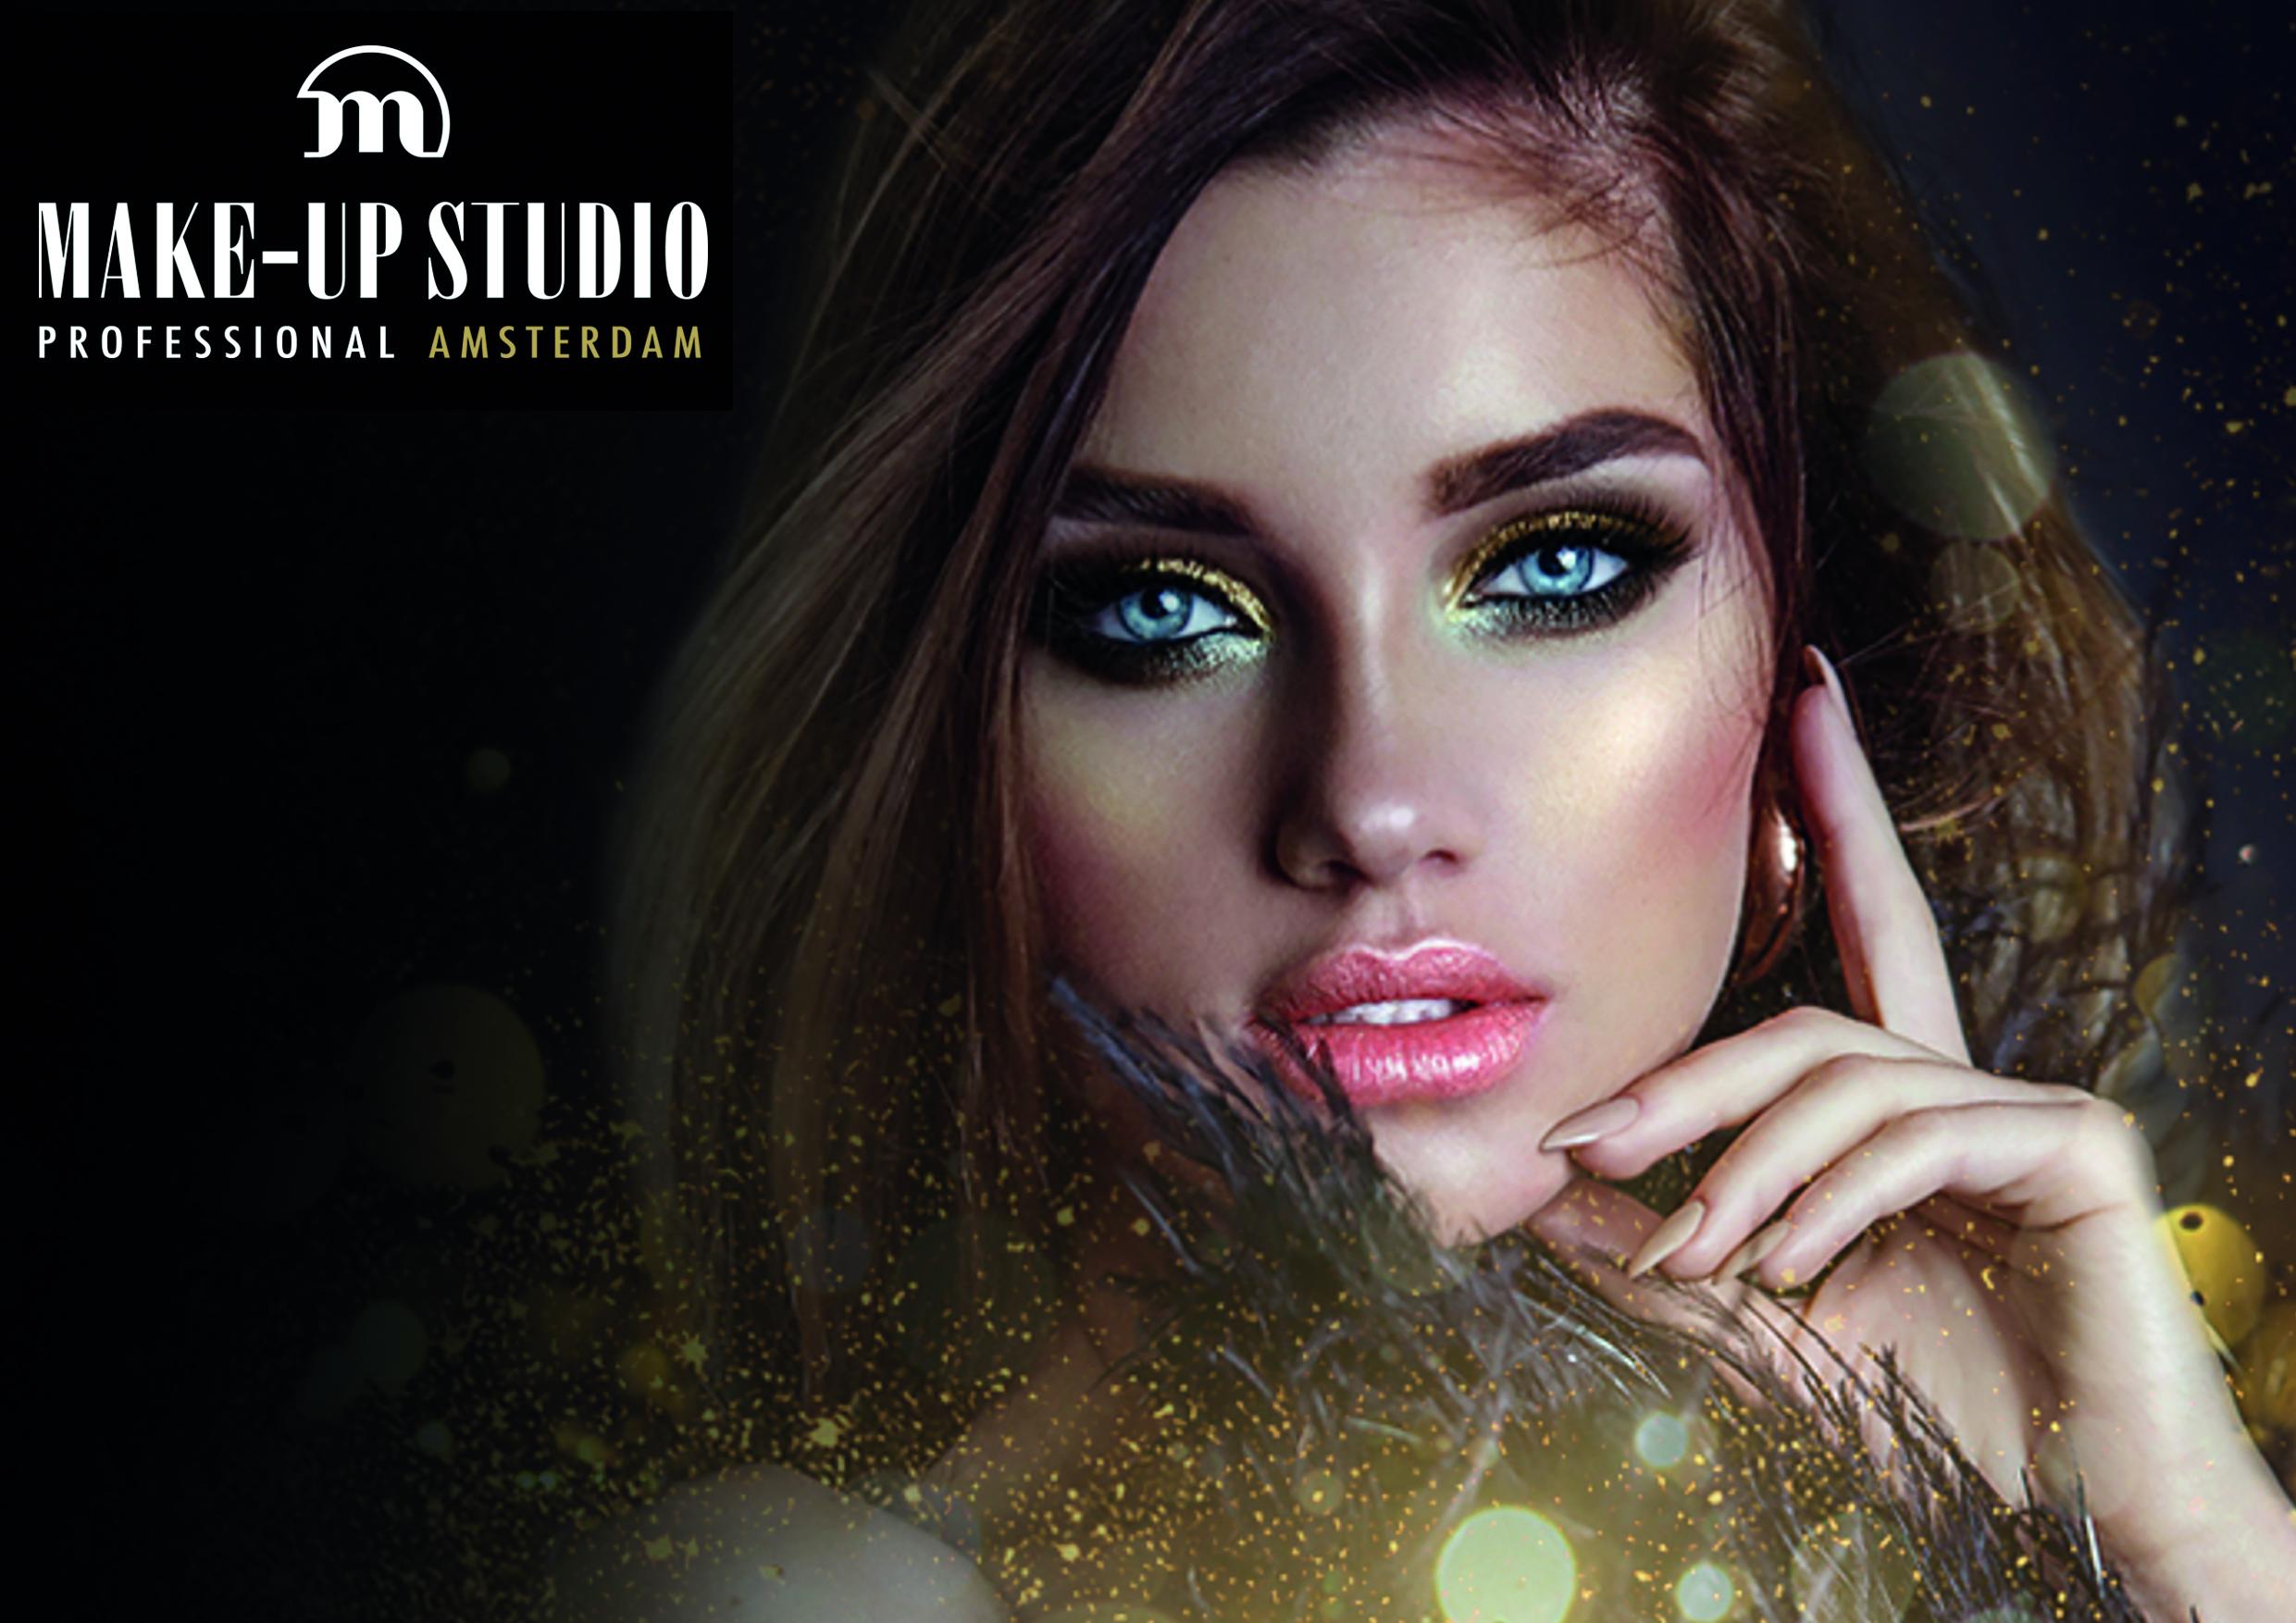 NIEUW! Make-Up Studio